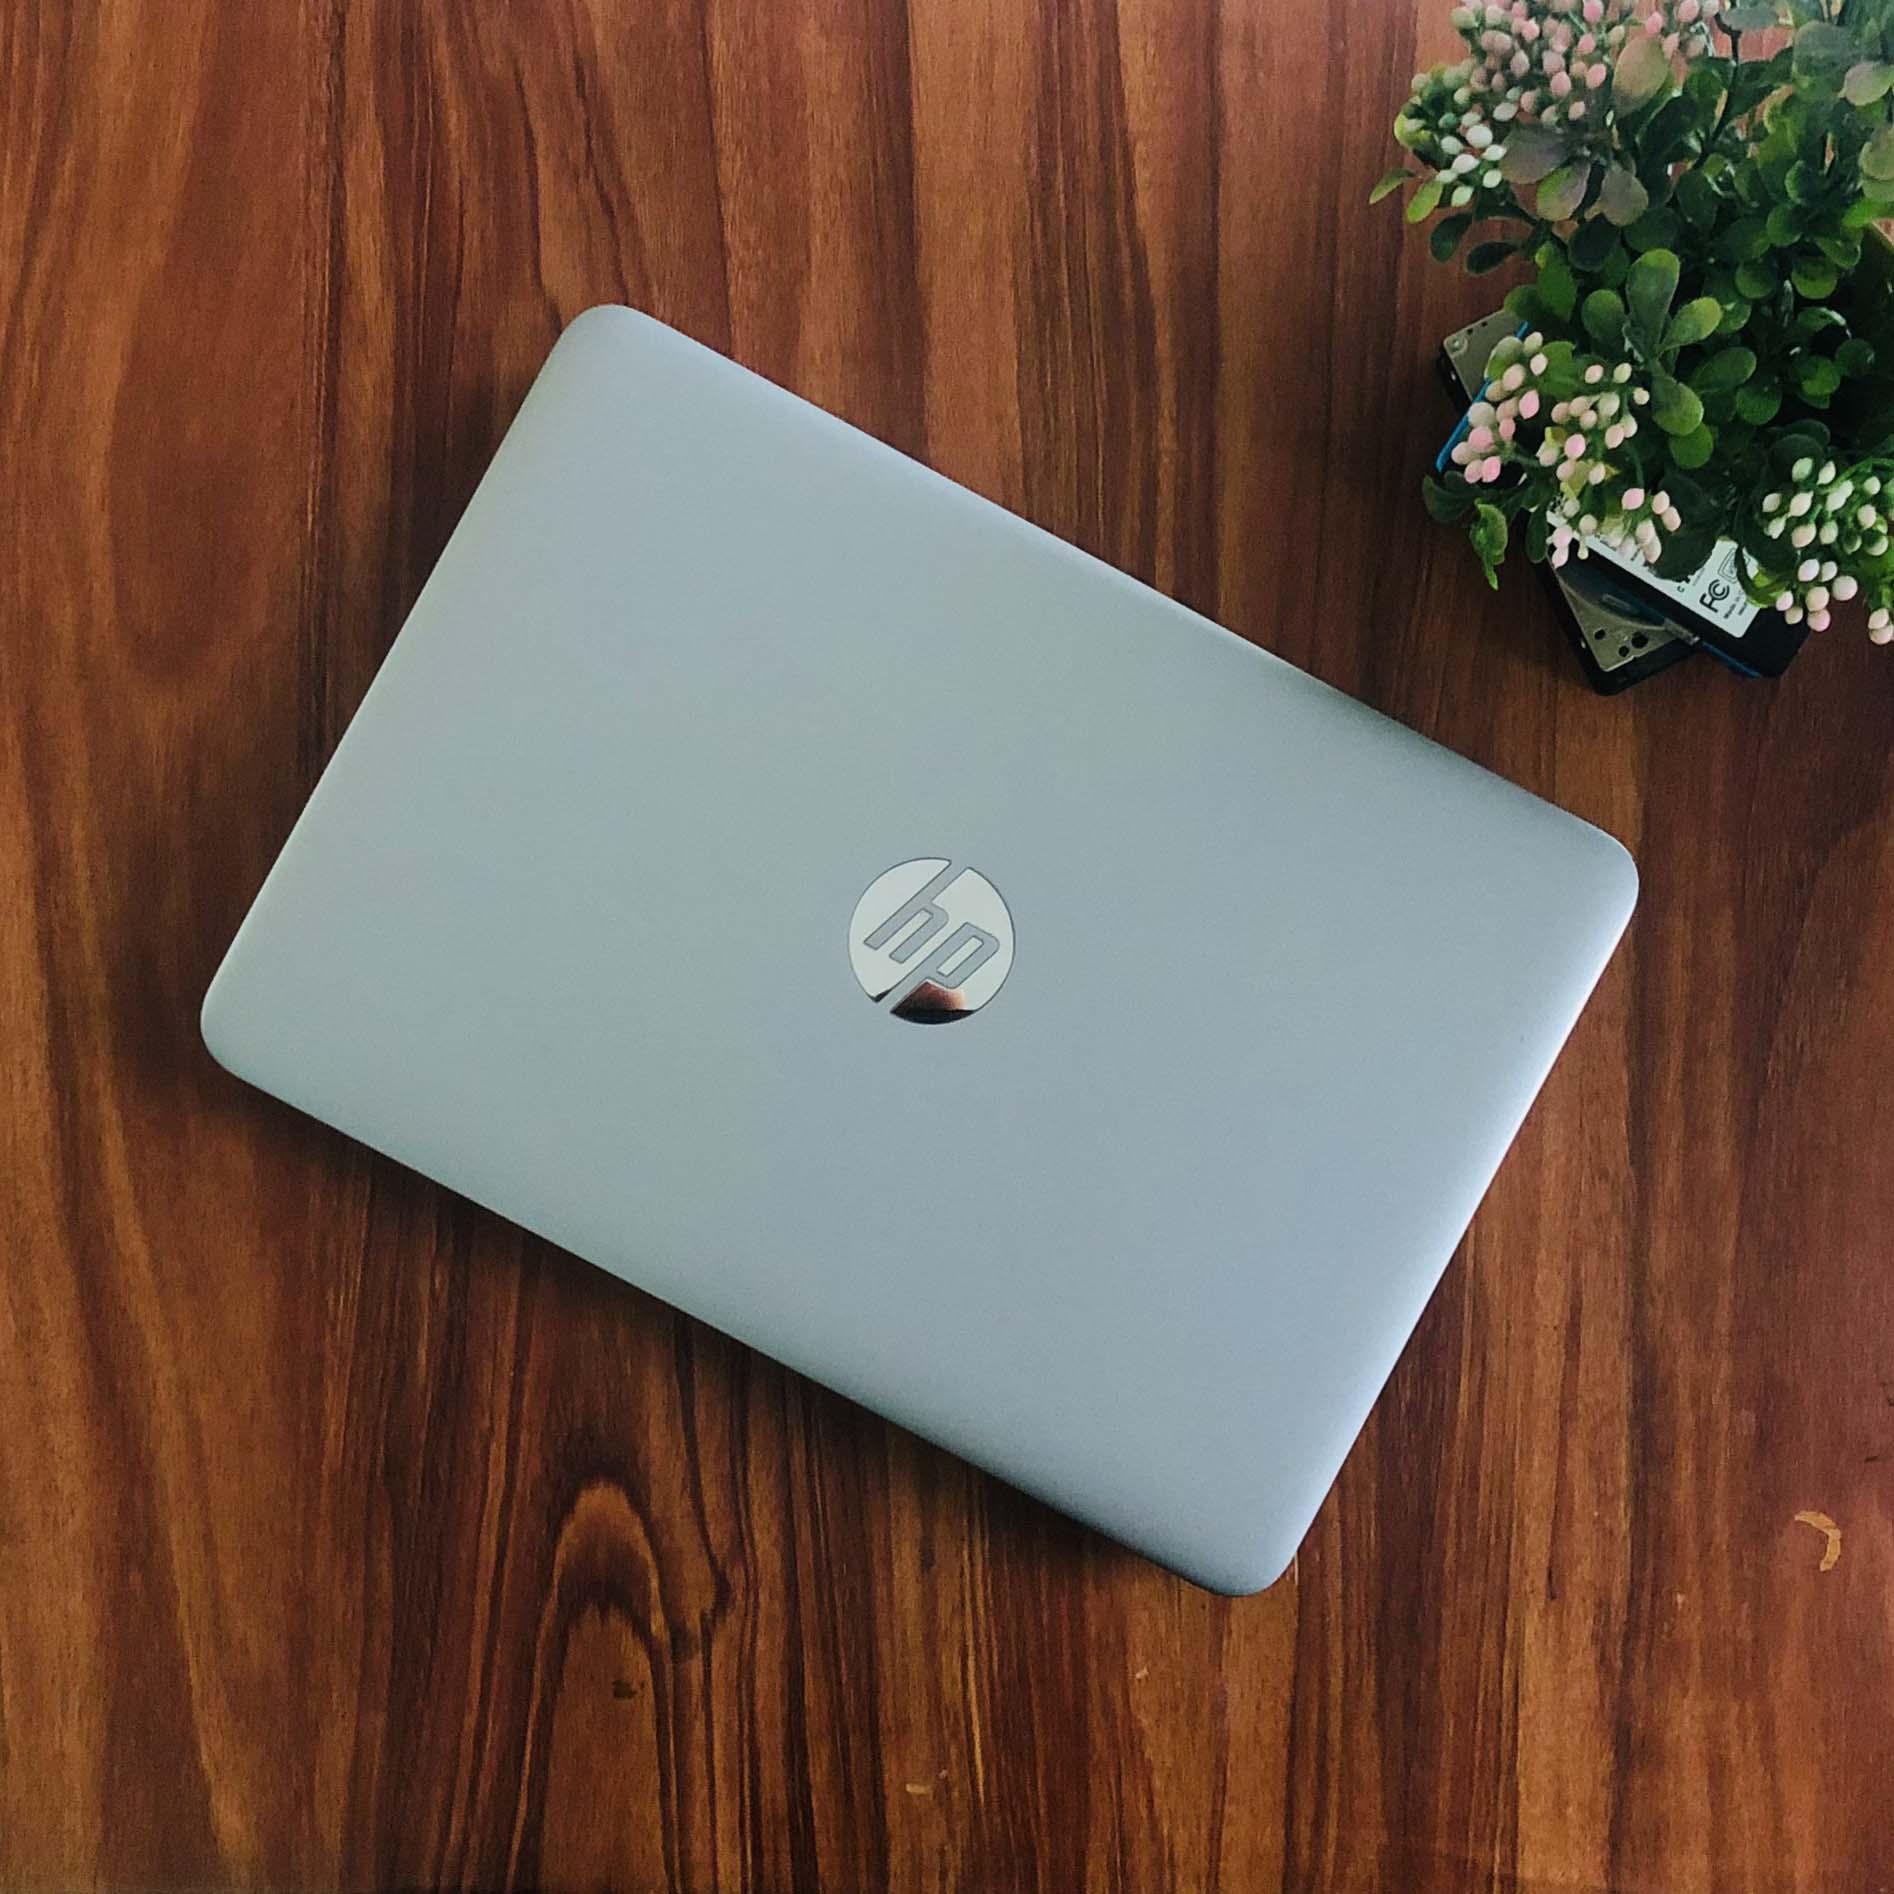 HP EliteBook 820 G3 Core i7